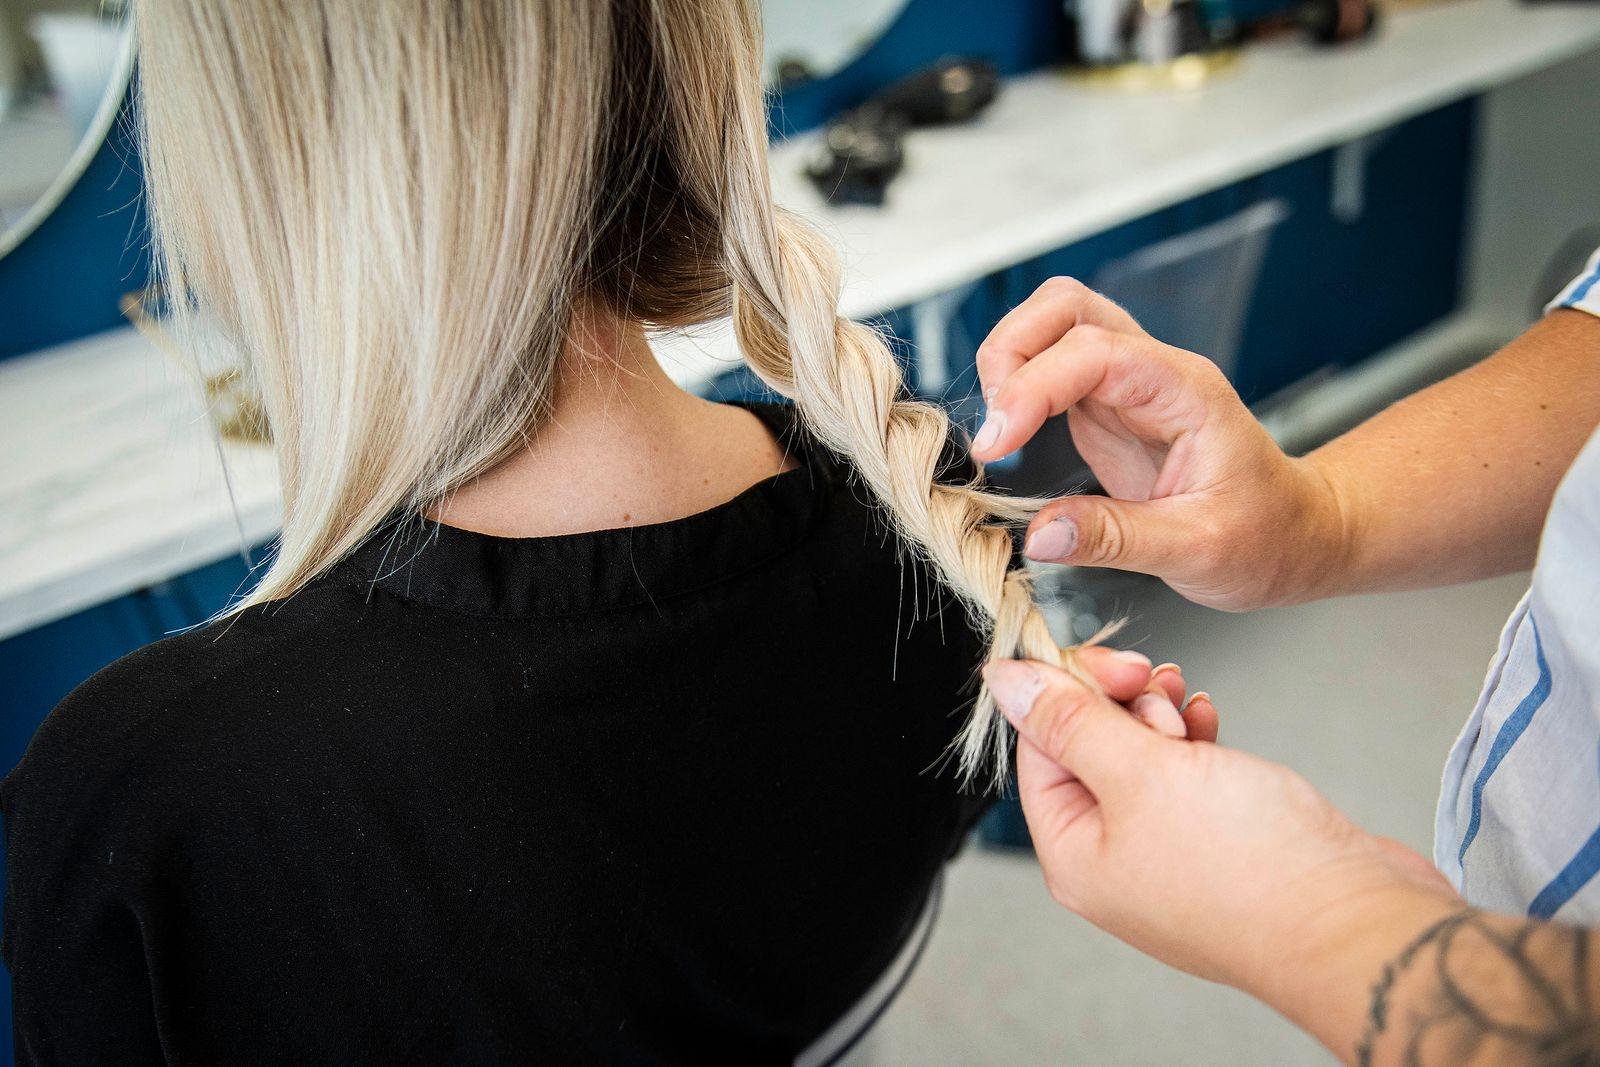 Steg 2: Tvinna varje sektion. Tänk på att dra håret lite bakåt när du tvinnar det för att få ett bättre resultat.